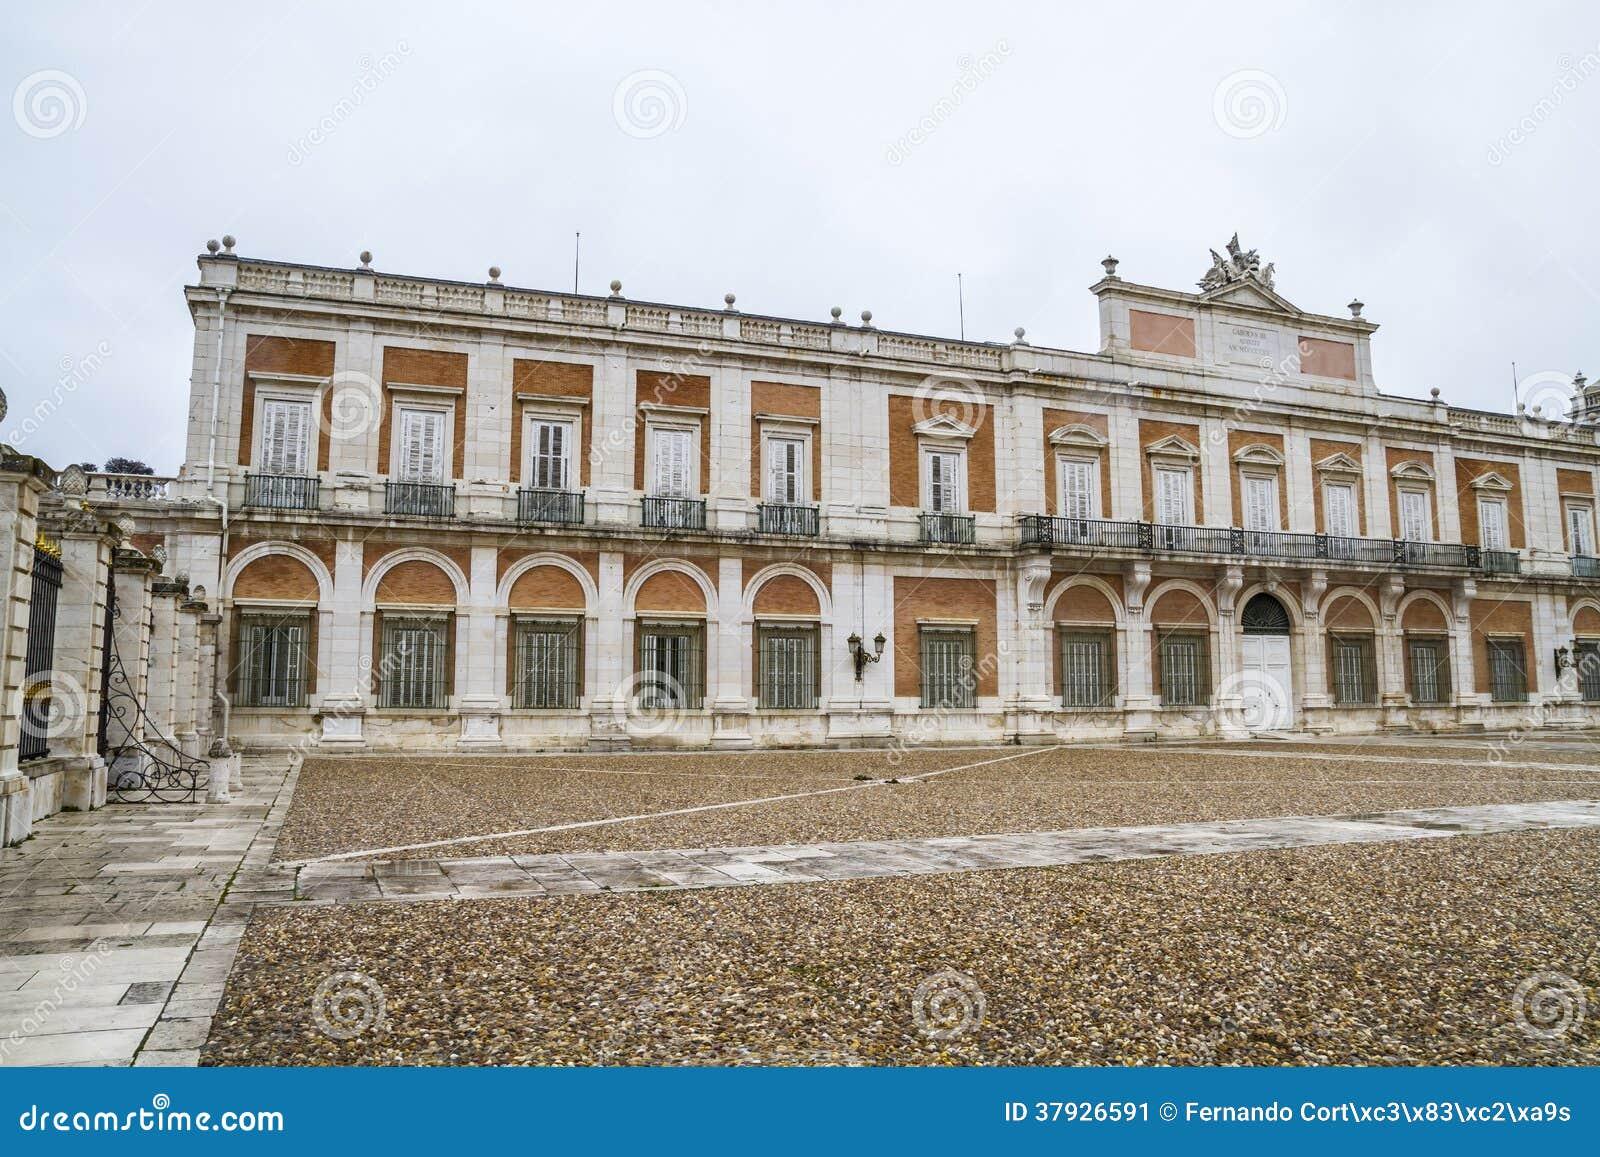 Główna fasada. Pałac Aranjuez, Madryt, Spain.World dziedzictwo Siedzi